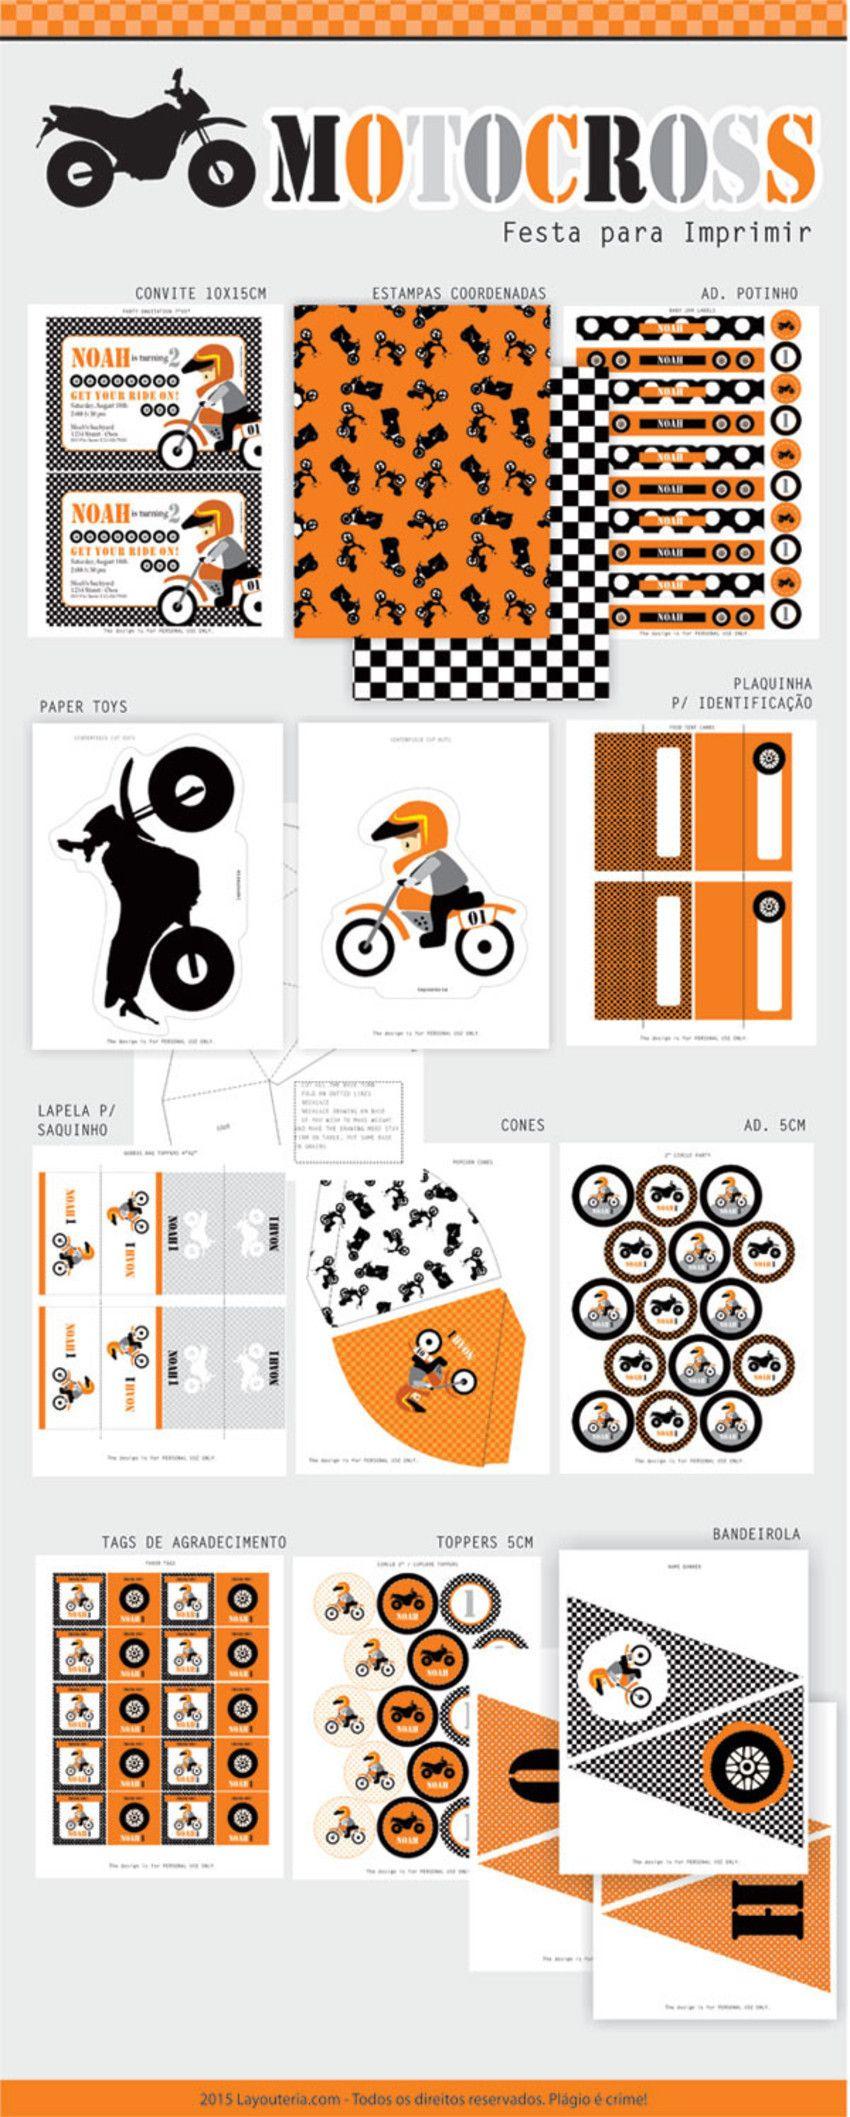 Motocross Festa - Festa para Imprimir | Boy Baby Shower | Pinterest ...